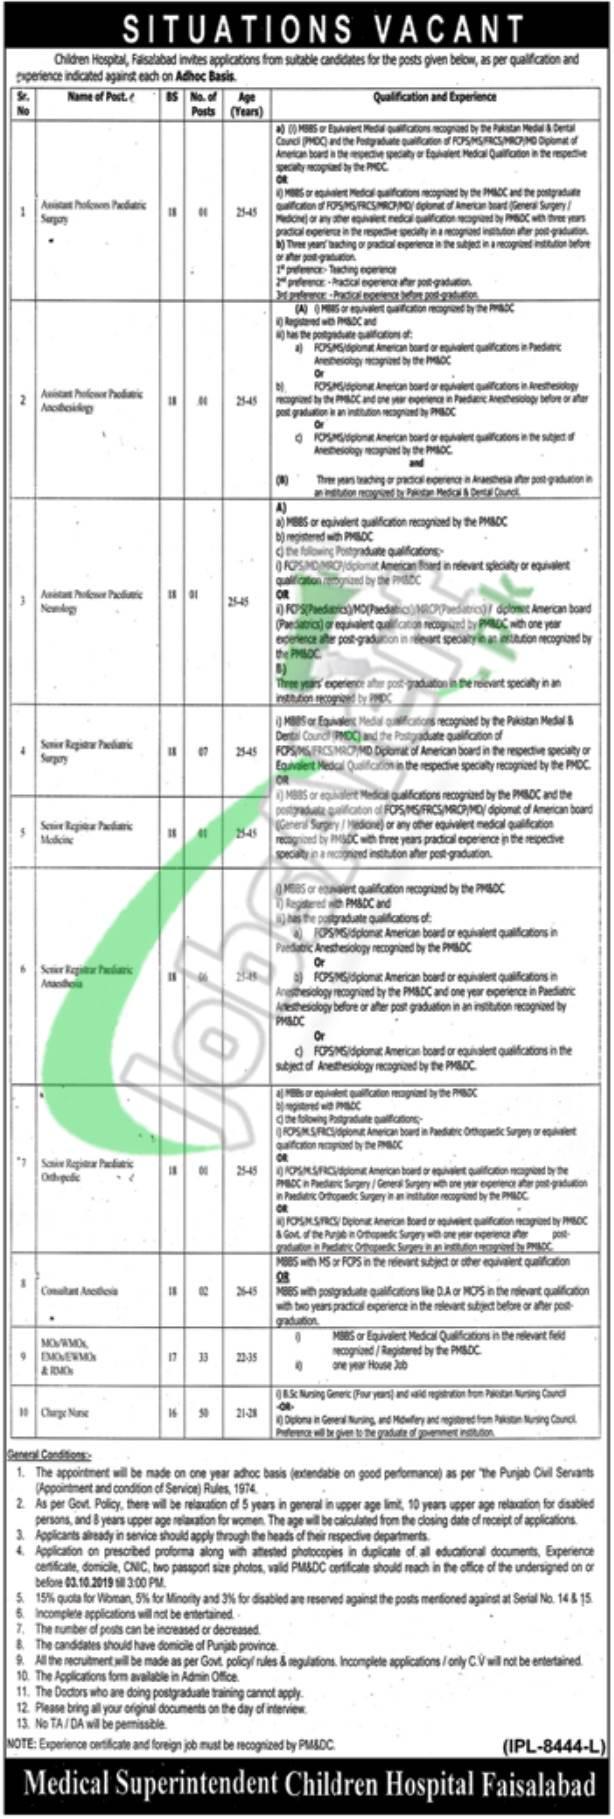 Children Hospital & Institute of Child Health Faisalabad Jobs 2019